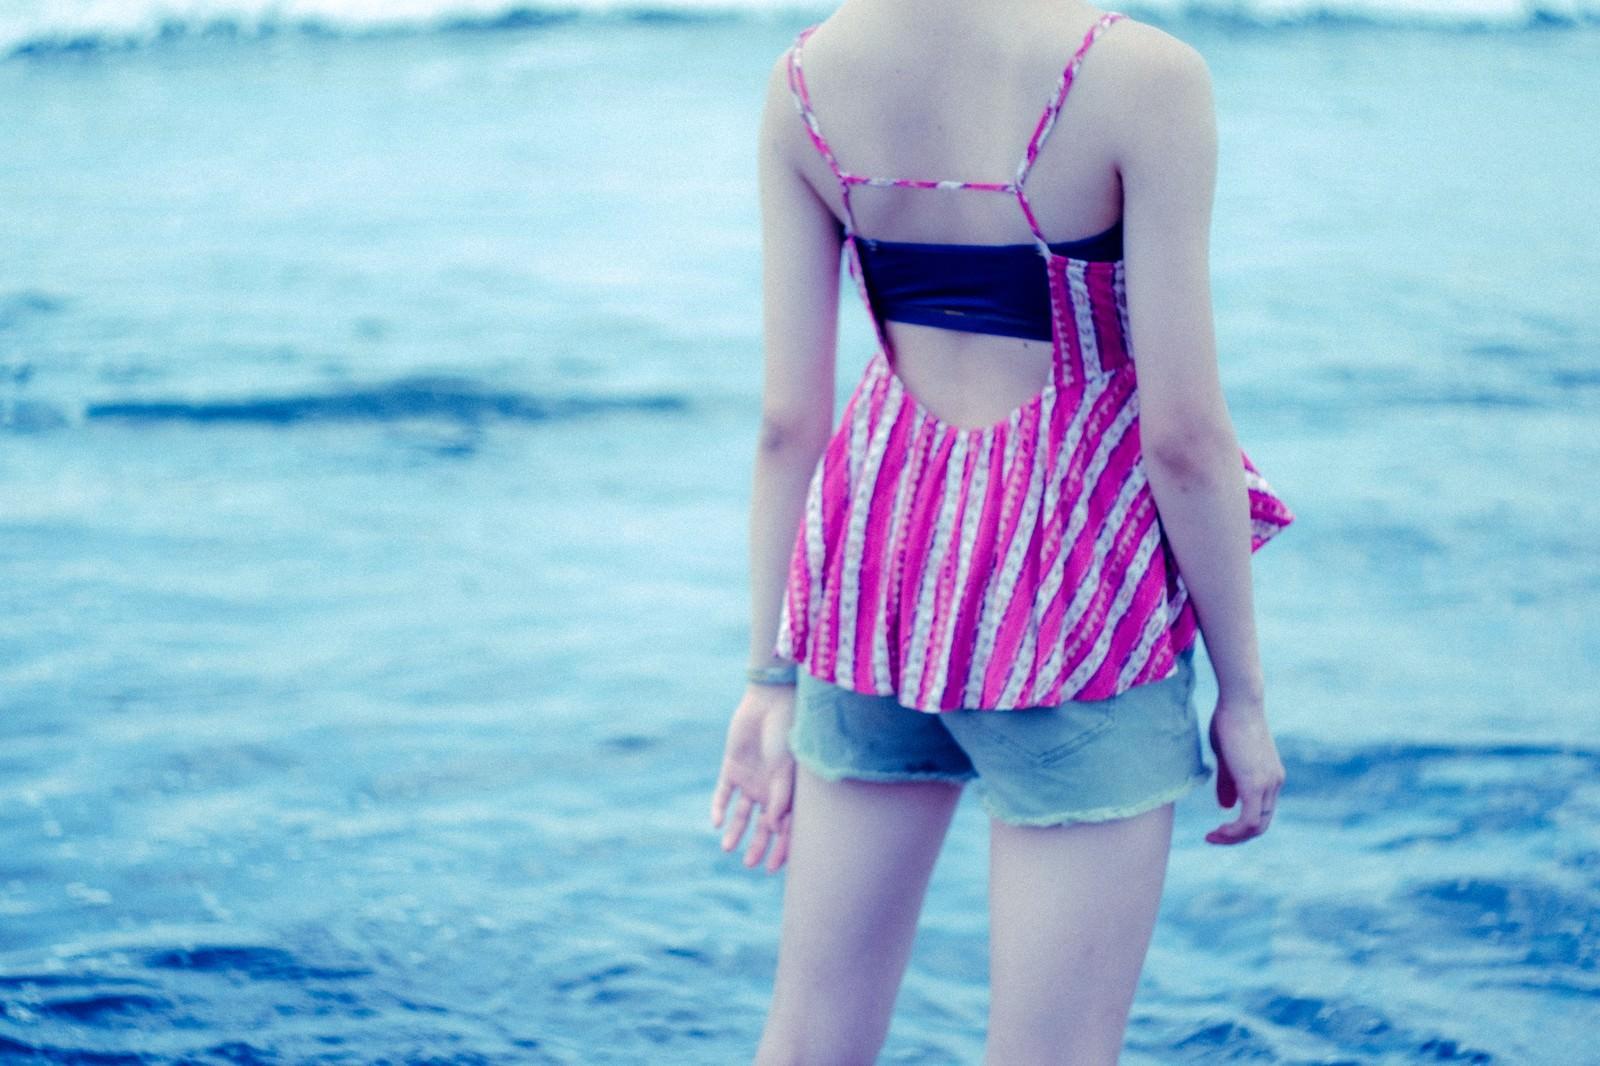 「波打ち際に立ちすくむ若い女性の後ろ姿(夏)波打ち際に立ちすくむ若い女性の後ろ姿(夏)」のフリー写真素材を拡大